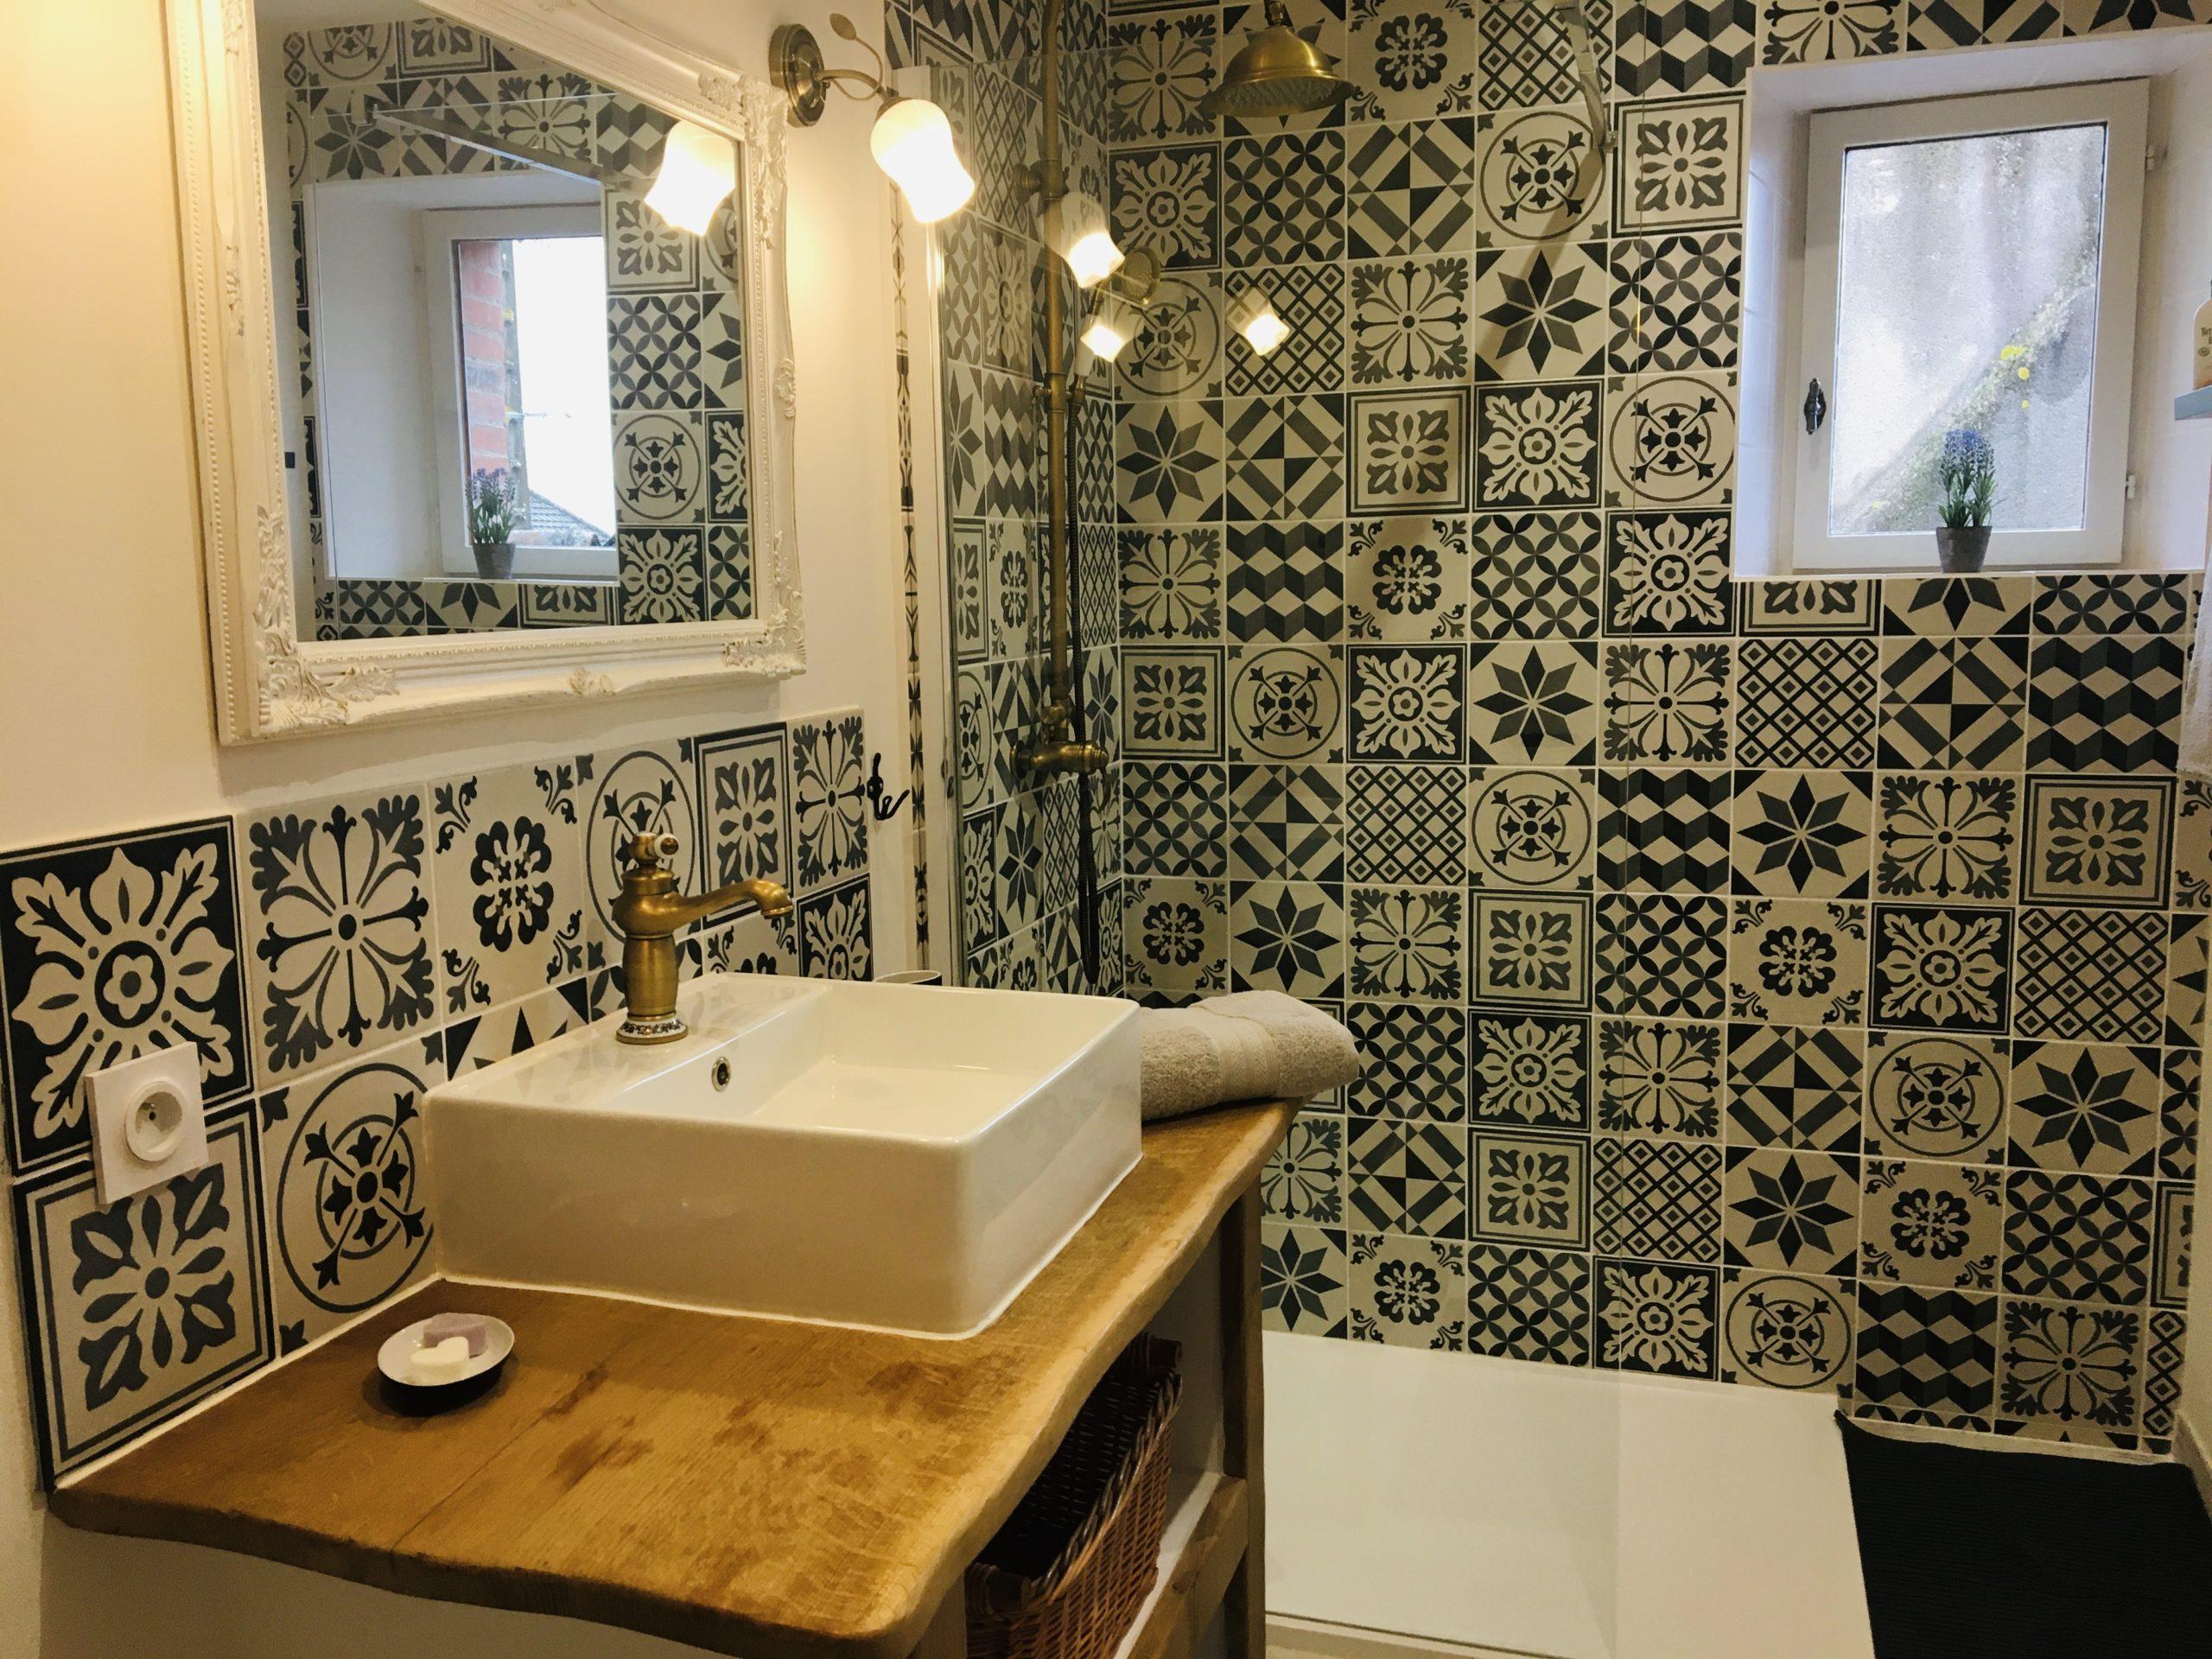 salle de bain déco or et brique ciment